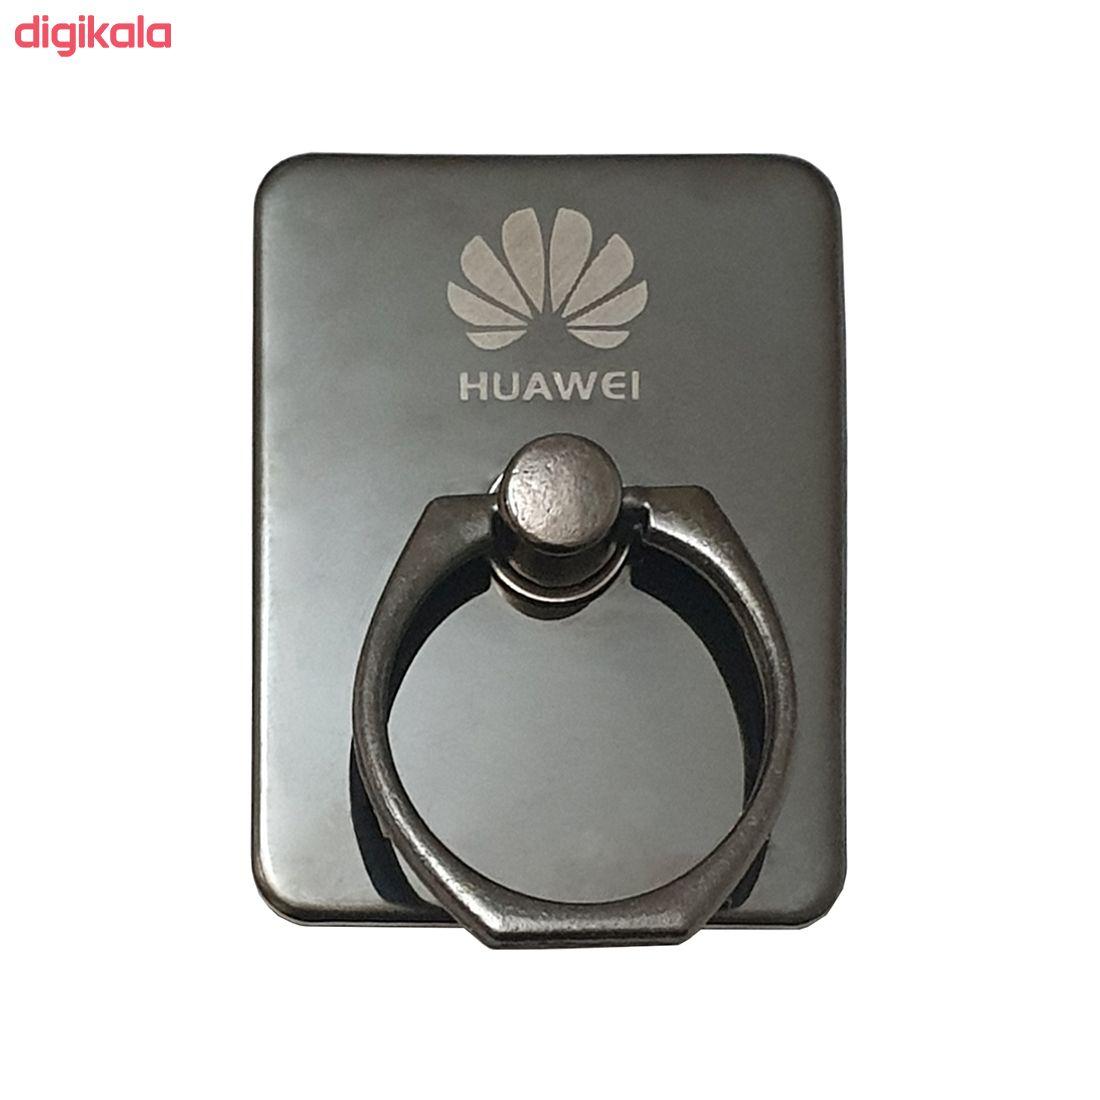 حلقه نگهدارنده گوشی موبایل هوآوی مدل RNG-03 main 1 2